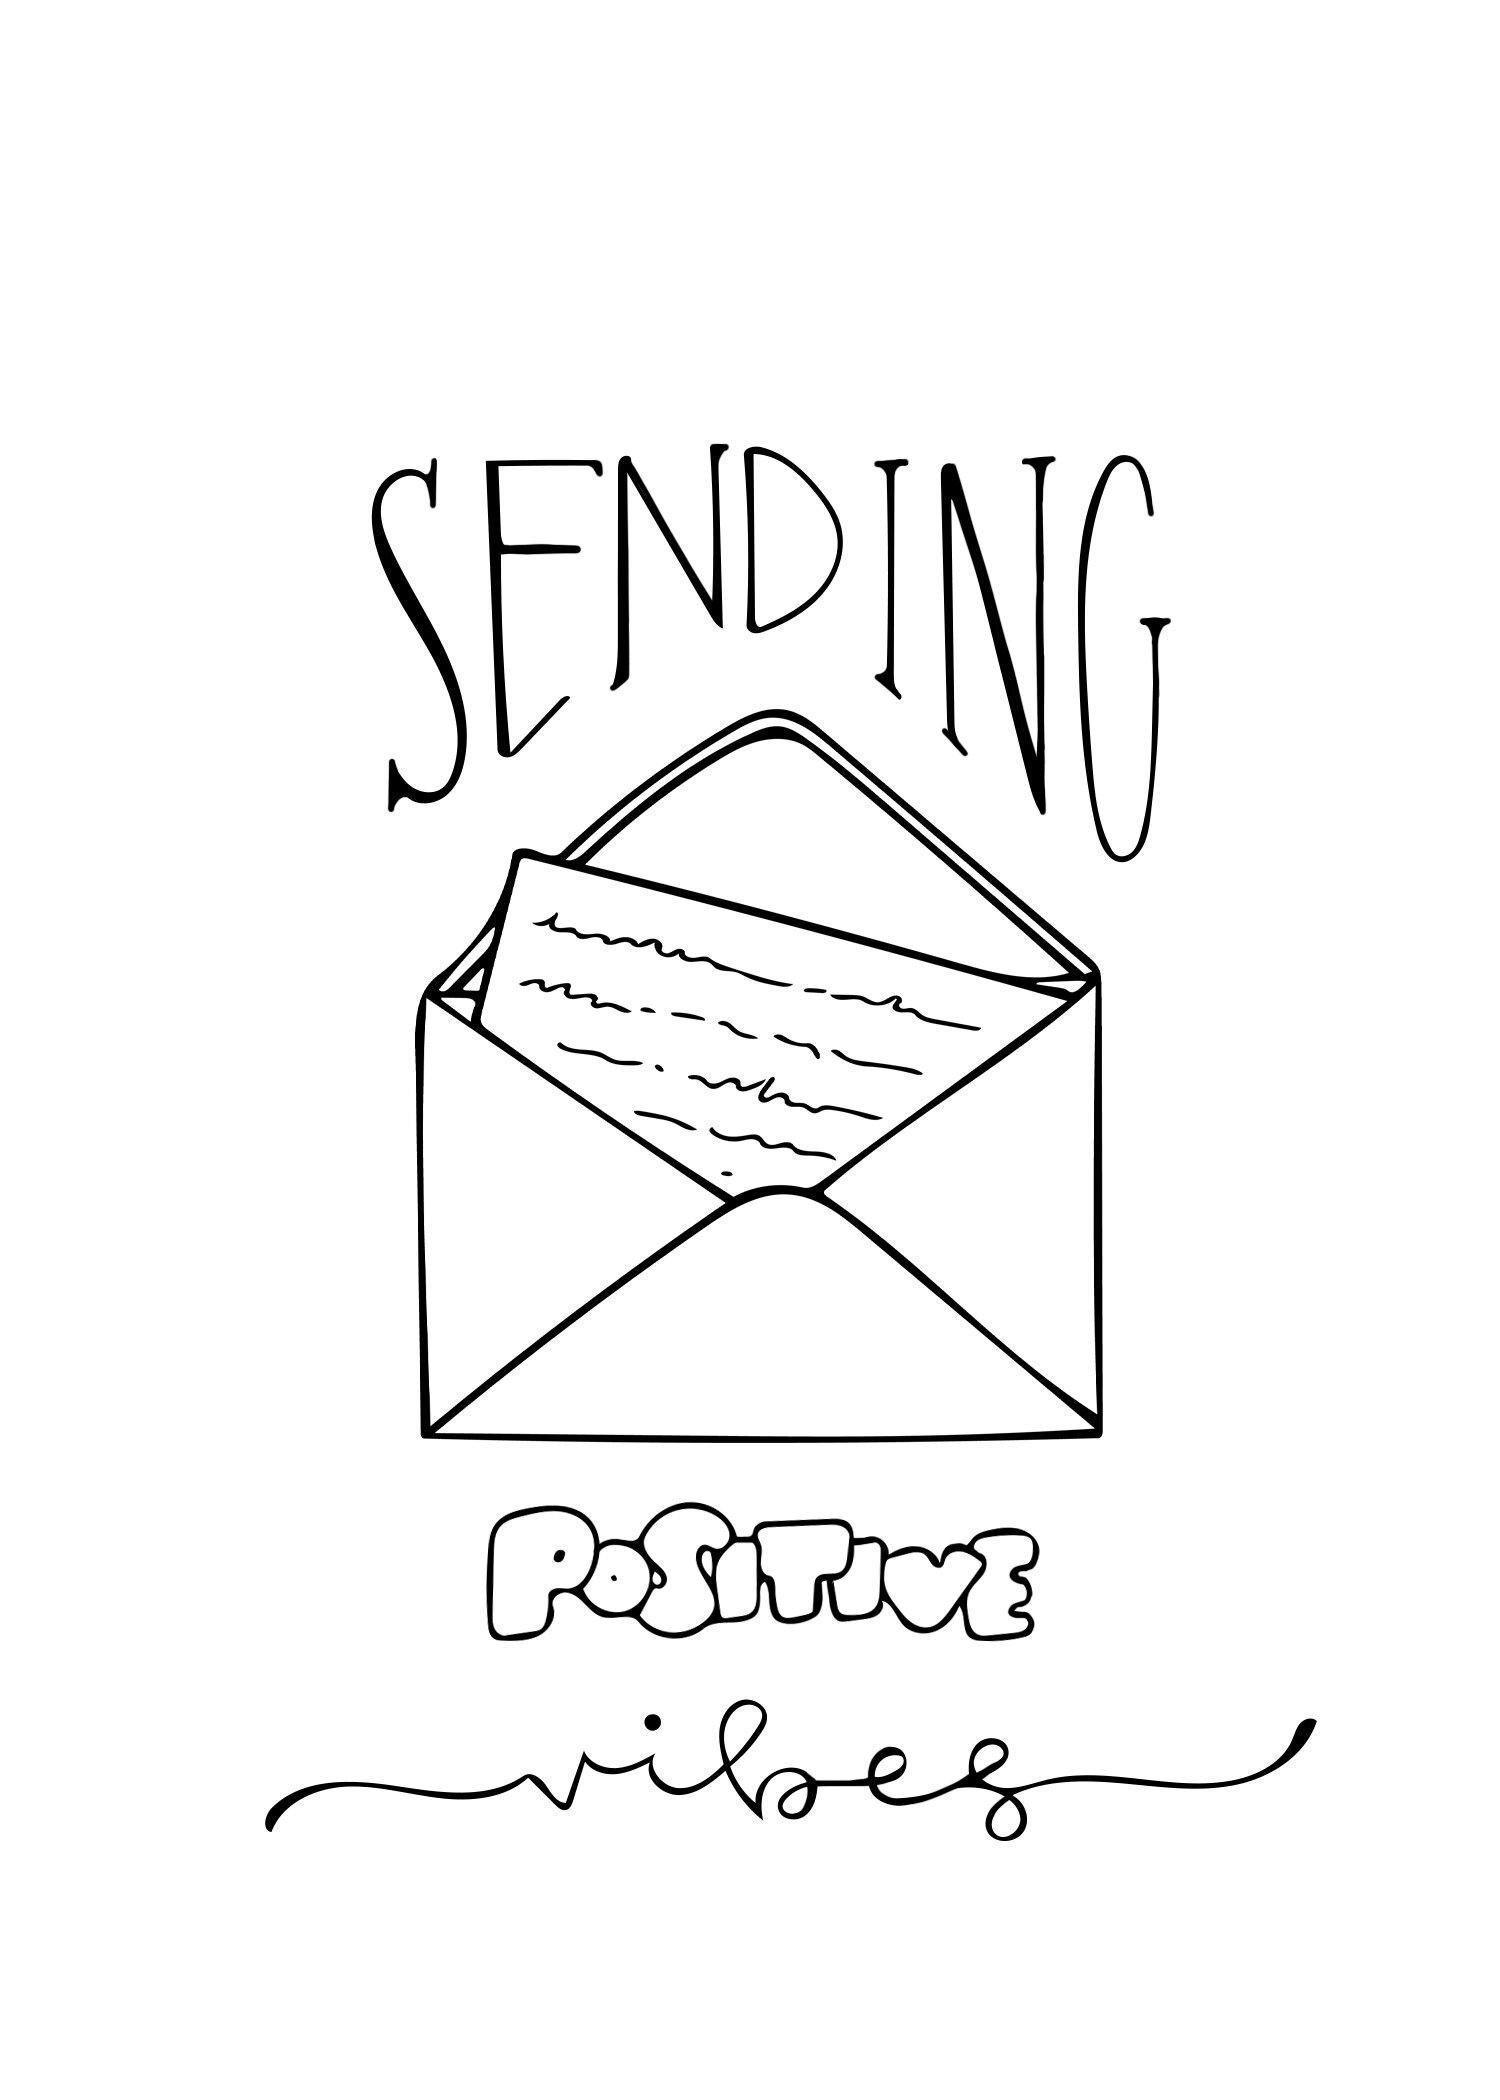 Sending Positive Vibes V2.jpg